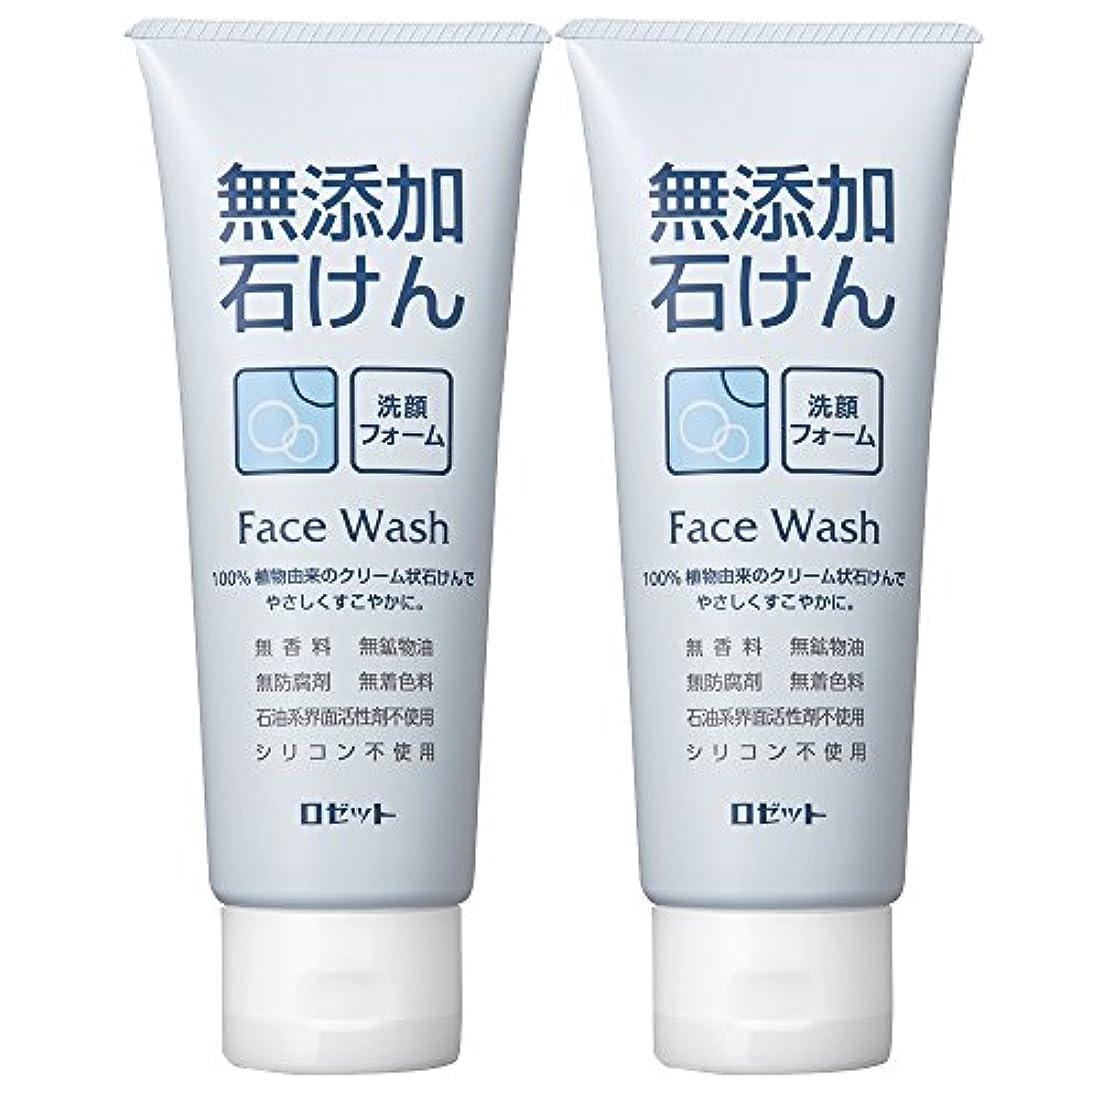 危険を冒します聞くおもてなしロゼット 無添加石けん 洗顔フォーム 140g×2個パック AZ